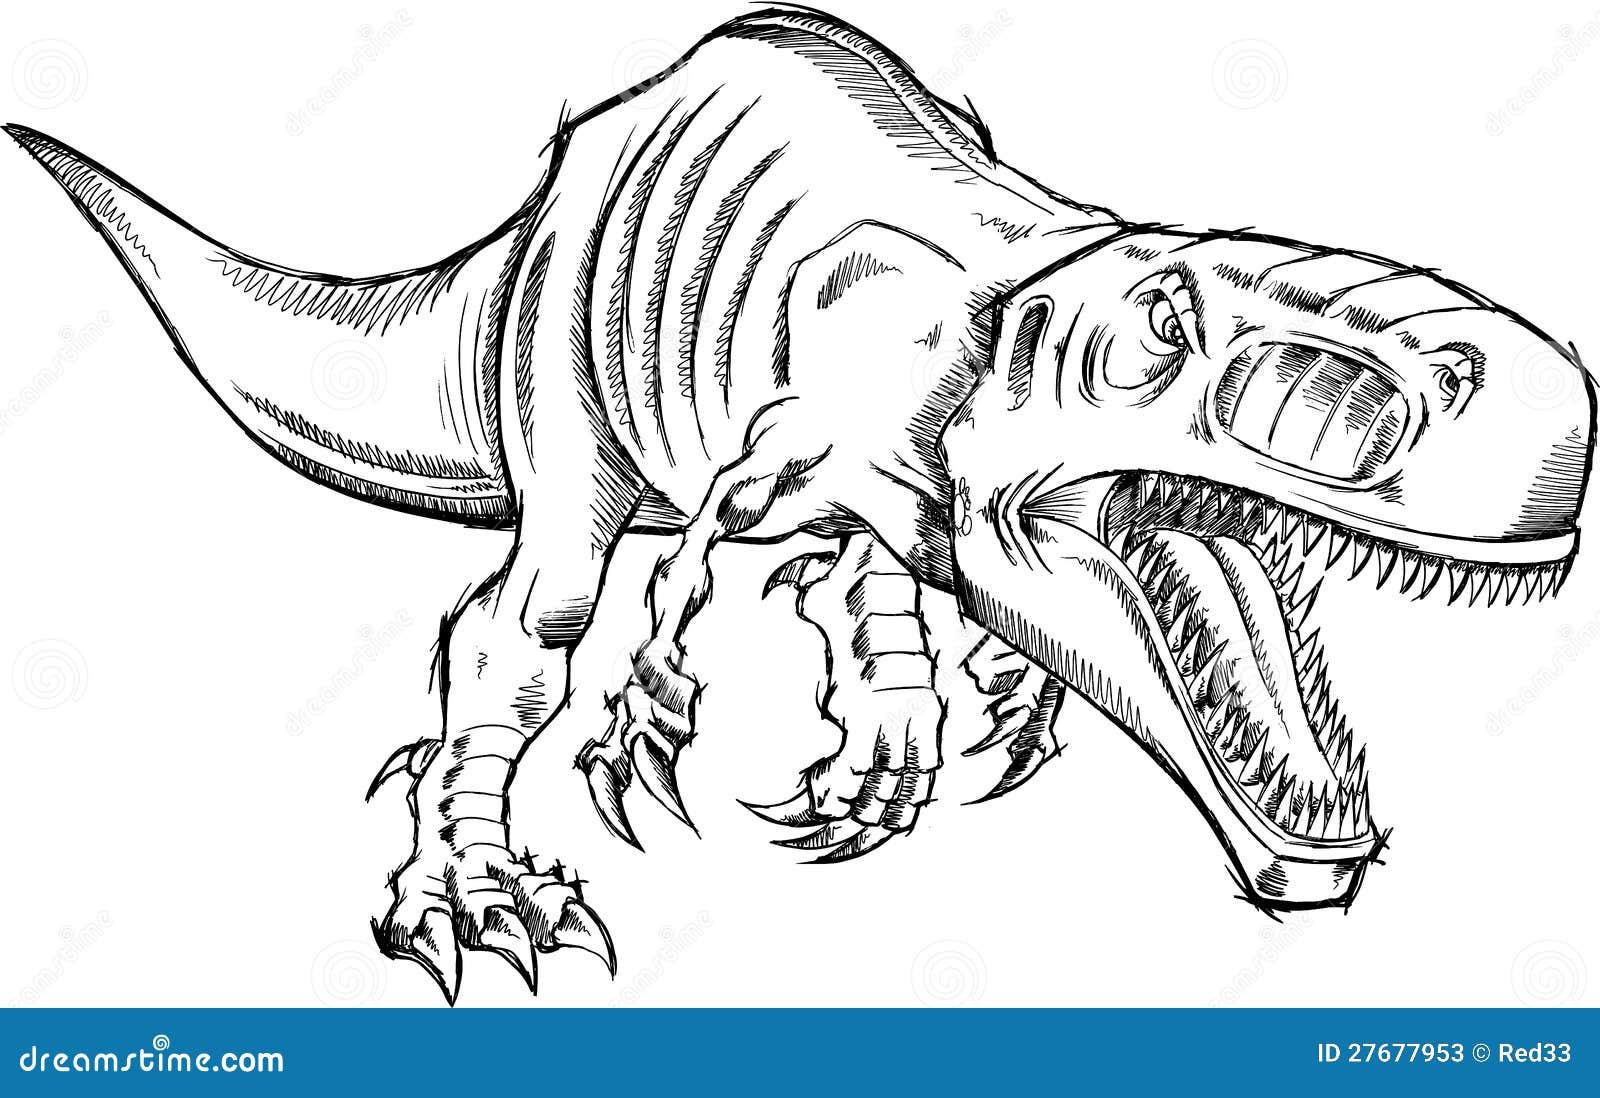 Sketch Tyrannosaurus Rex Dinosaur Stock Vector Illustration Of